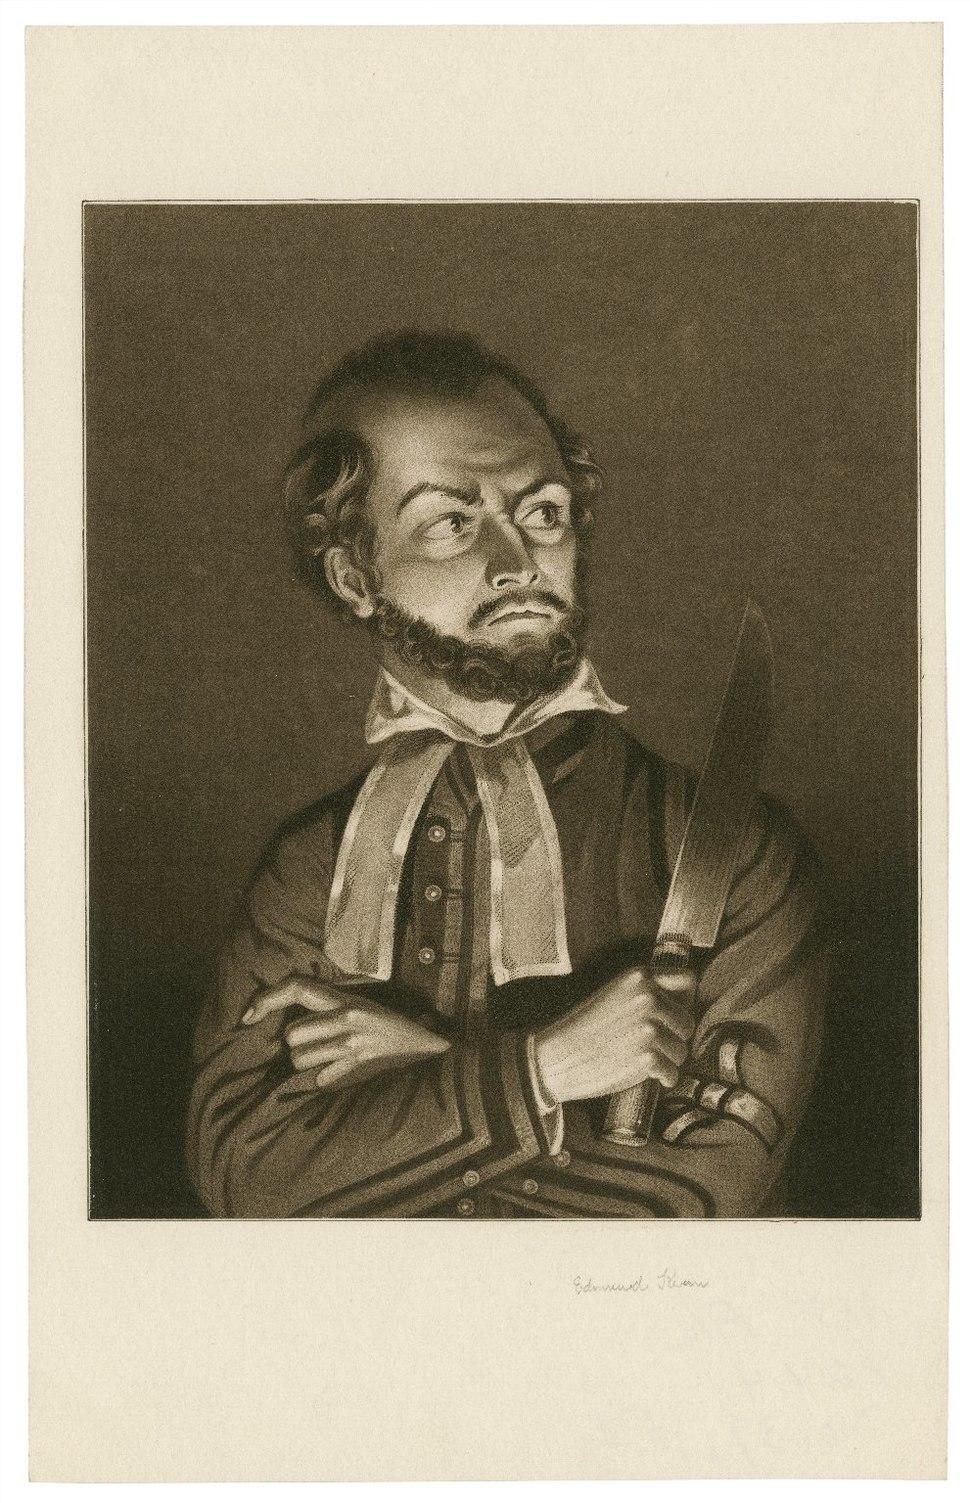 Edmund Kean as Shylock